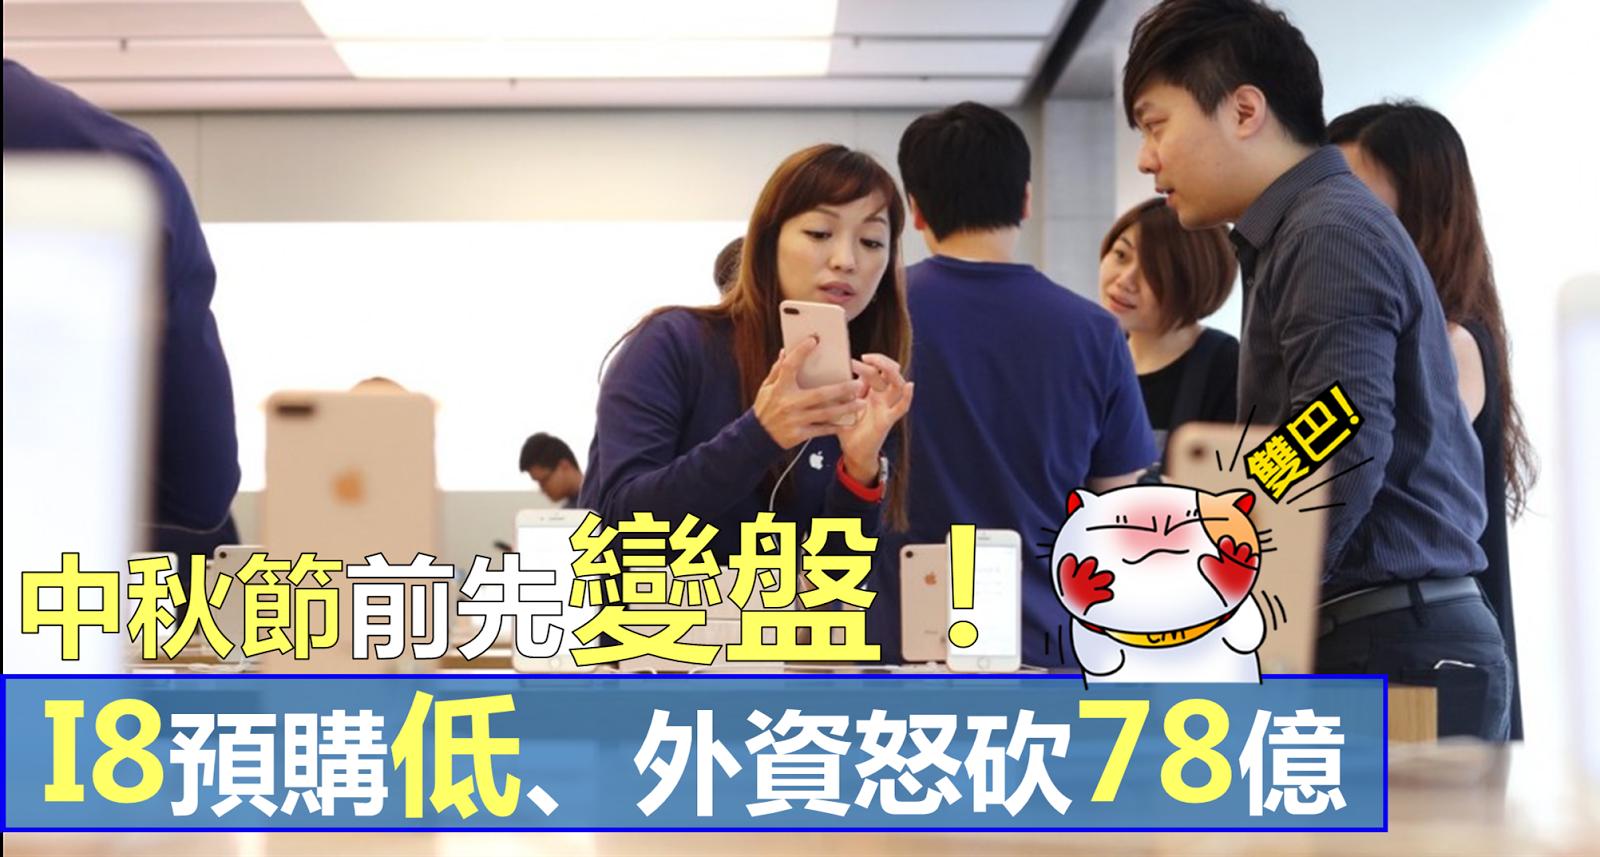 中秋前先變盤?iPhone 8 首日不缺貨,外資怒砍 78 億 ! (附 38 檔 蘋概股體檢表)